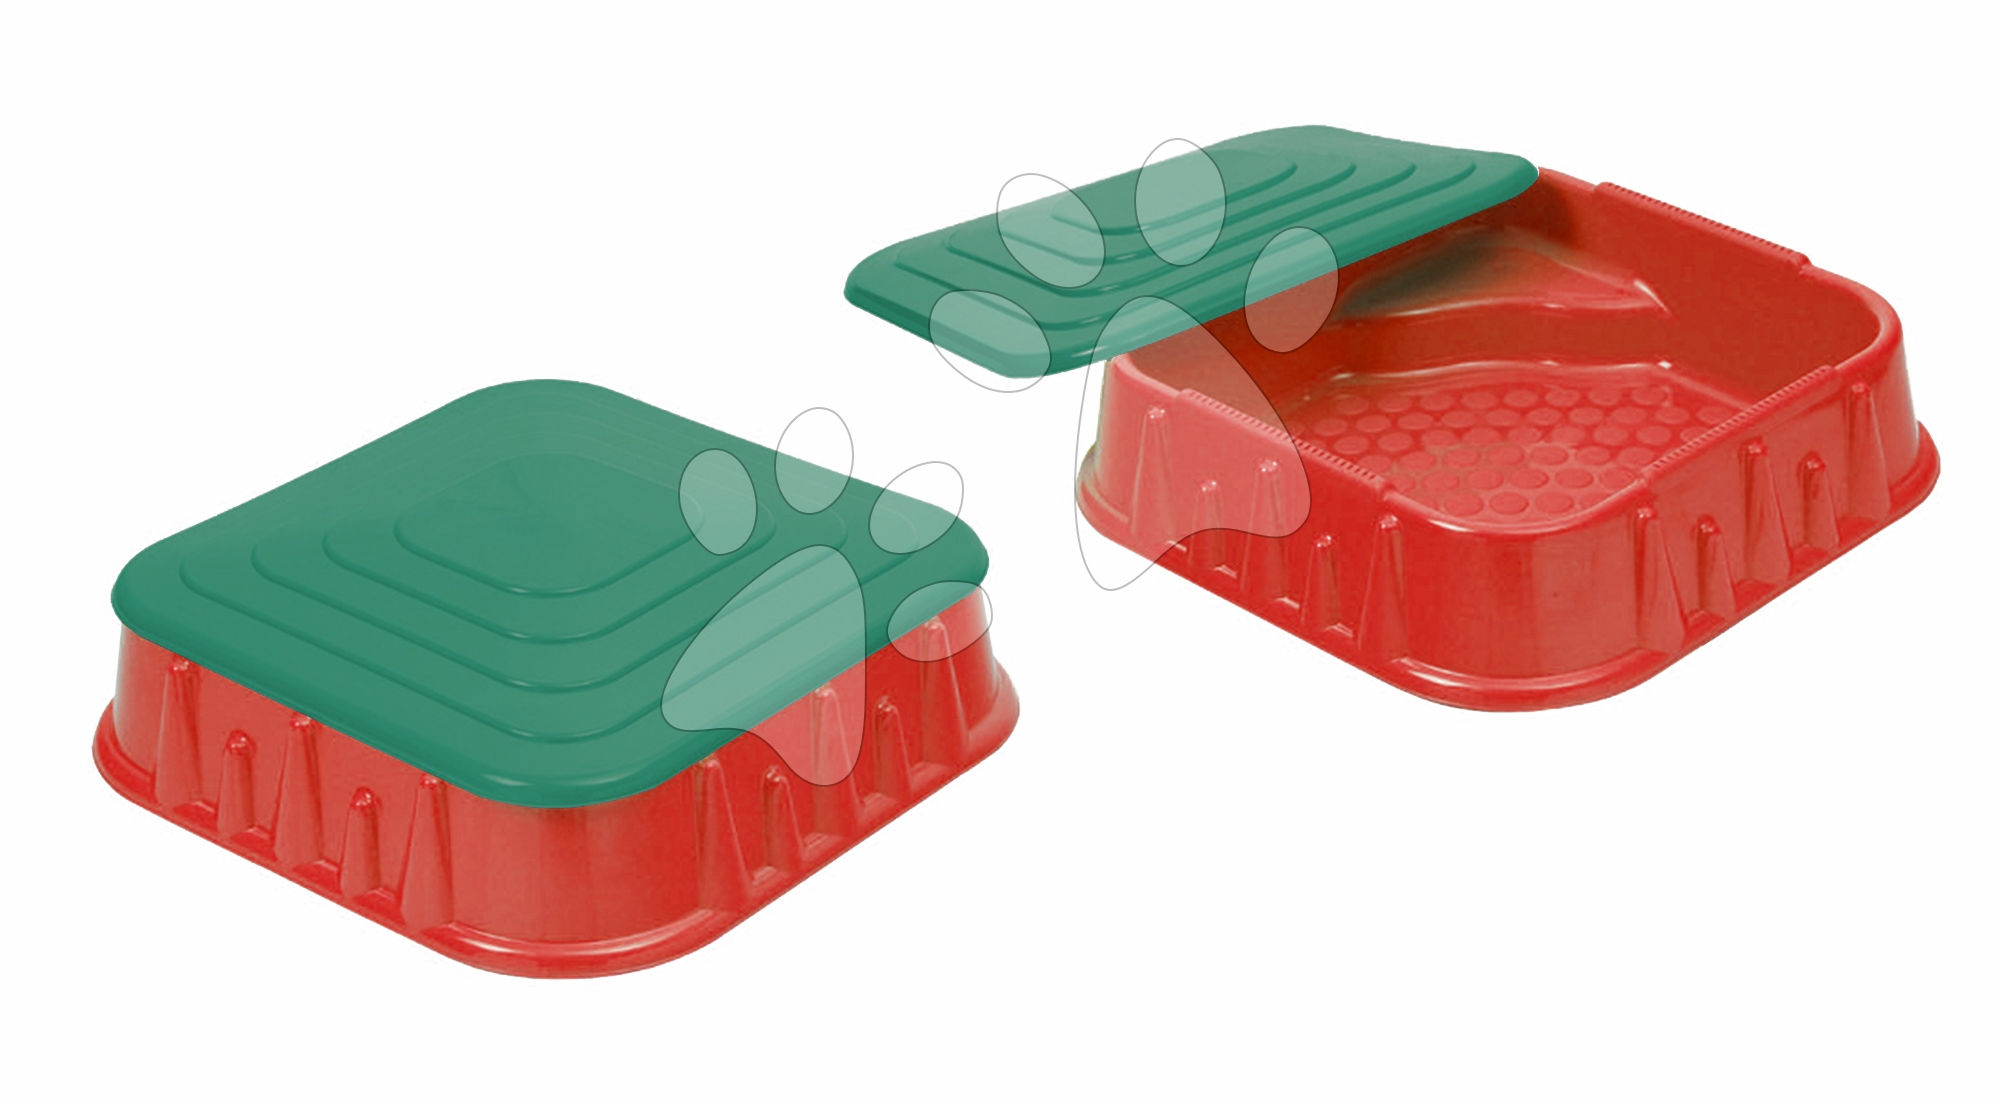 Pískoviště Starplast čtvercové s krytem objem 60 litrů červeno-tmavě zelené od 24 měsíců